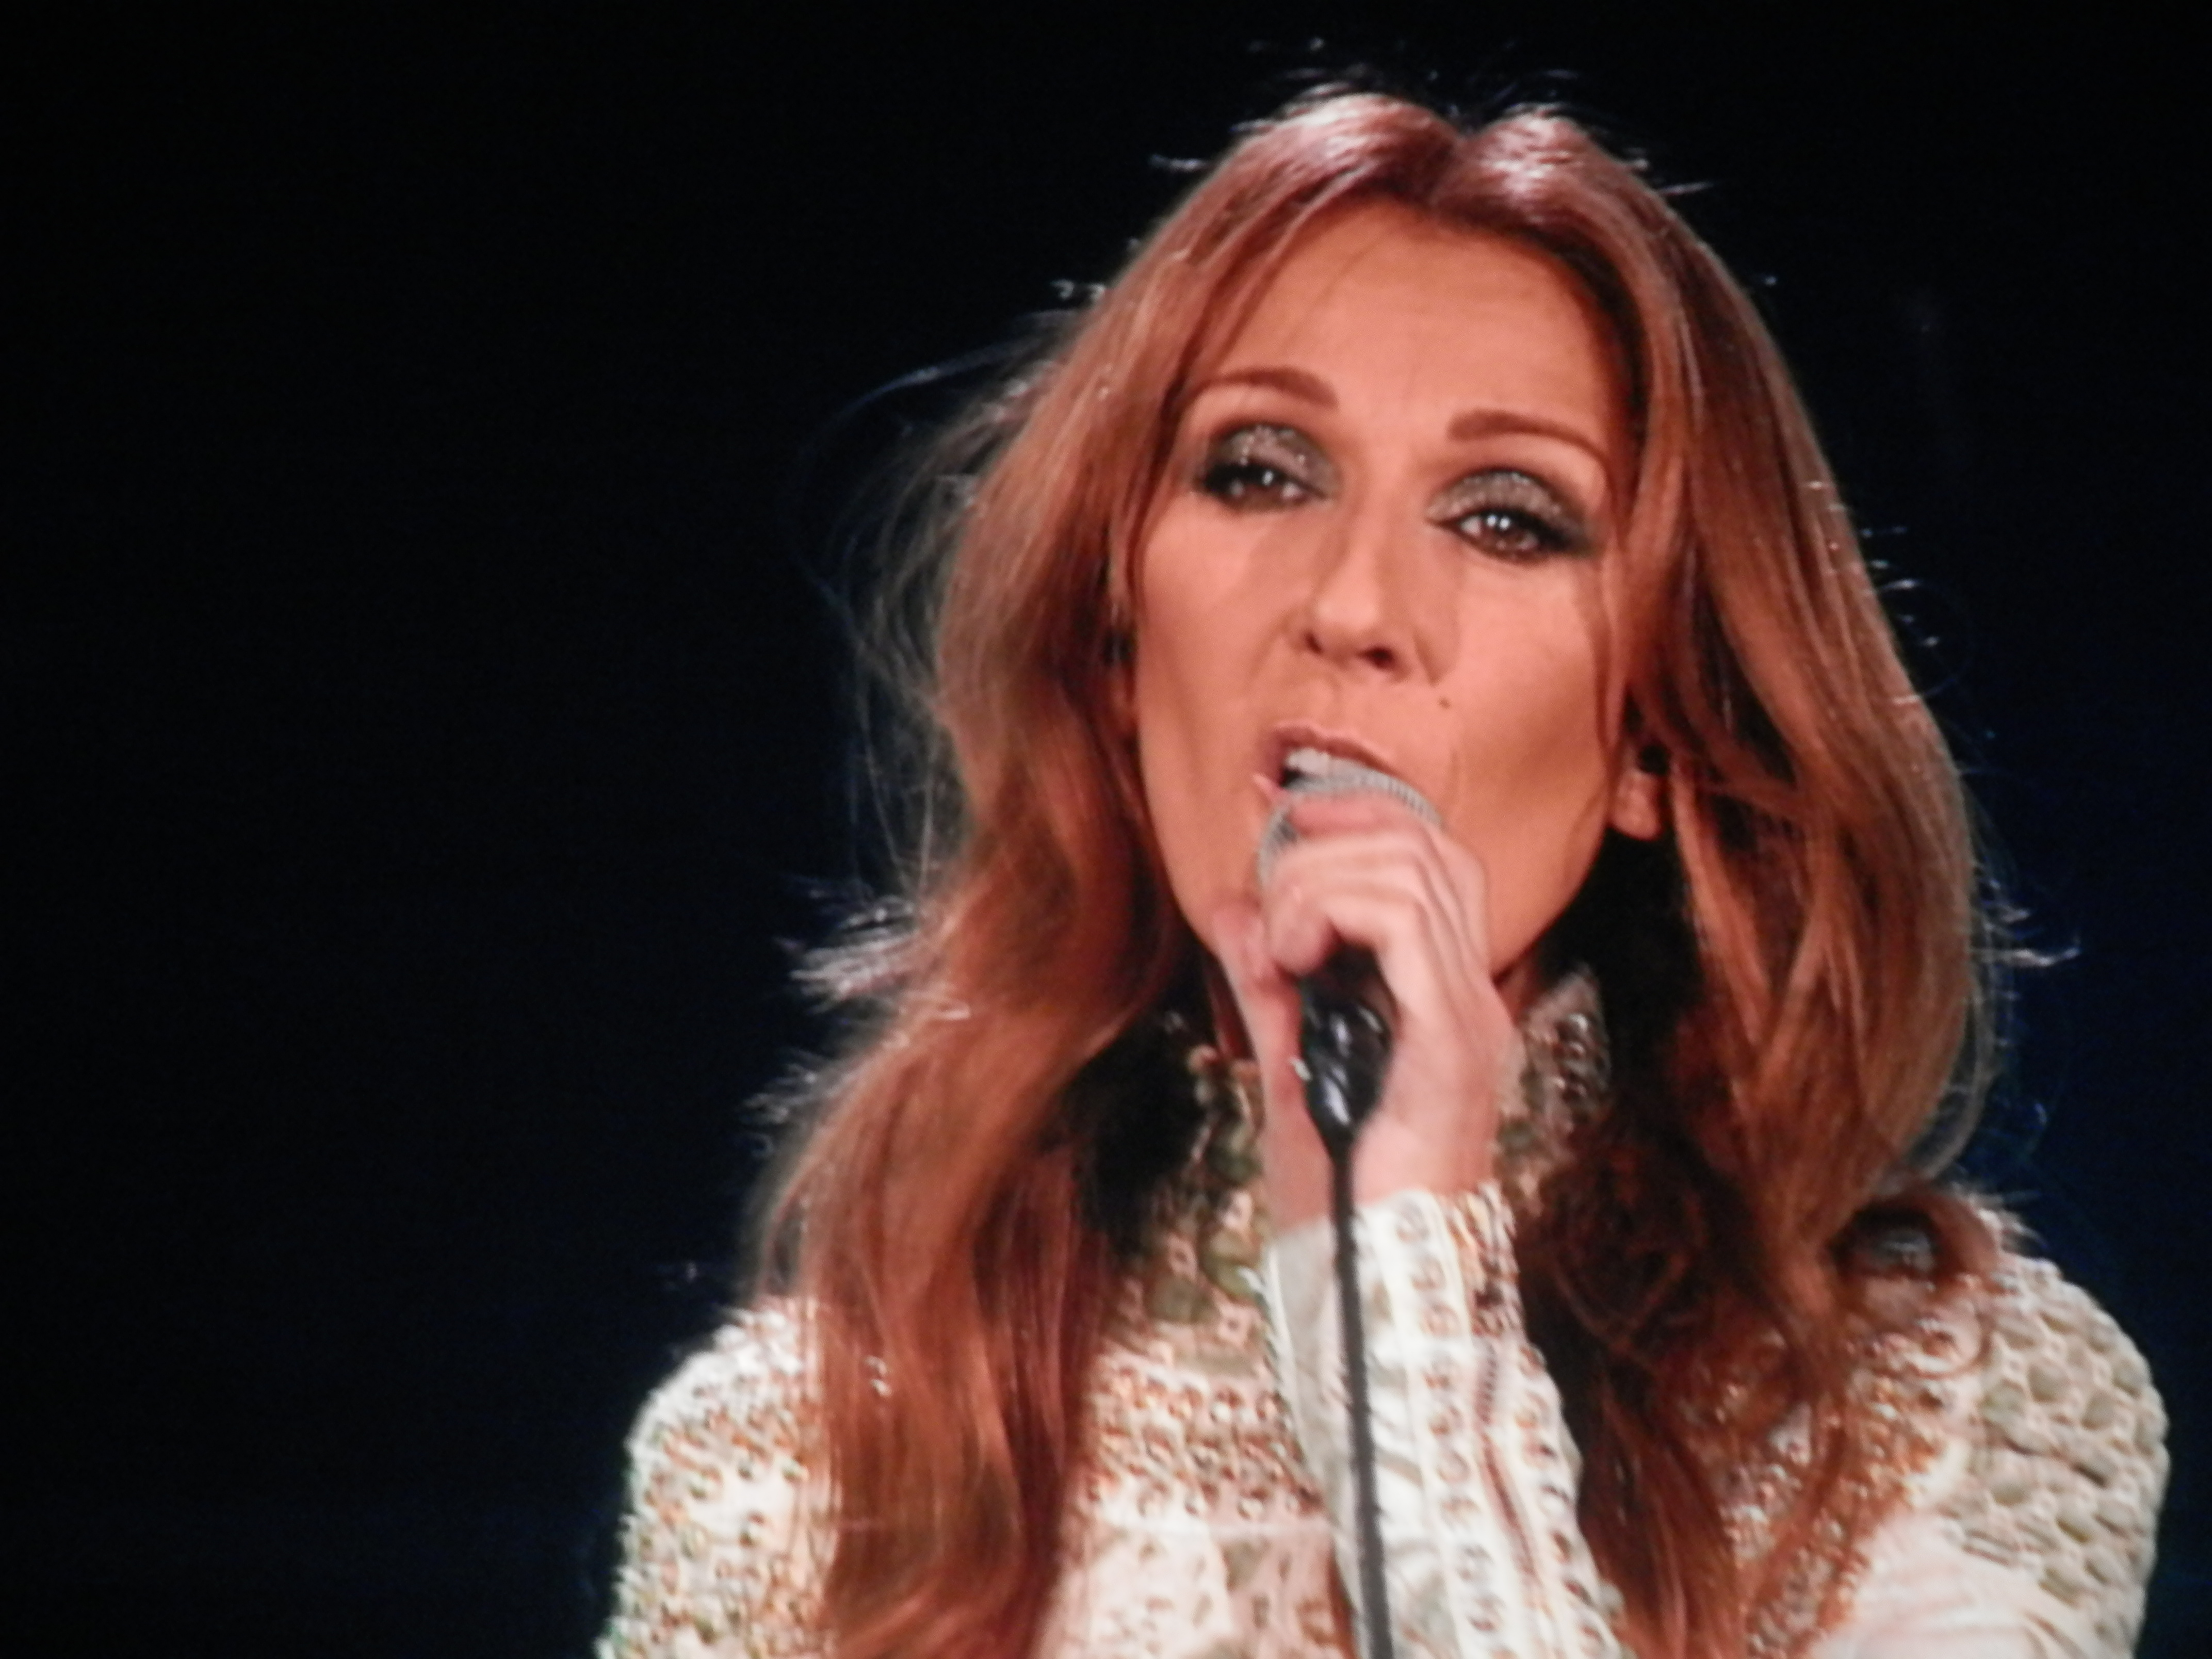 Un an après la mort de son mari et mentor, Céline Dion tente la reconstruction